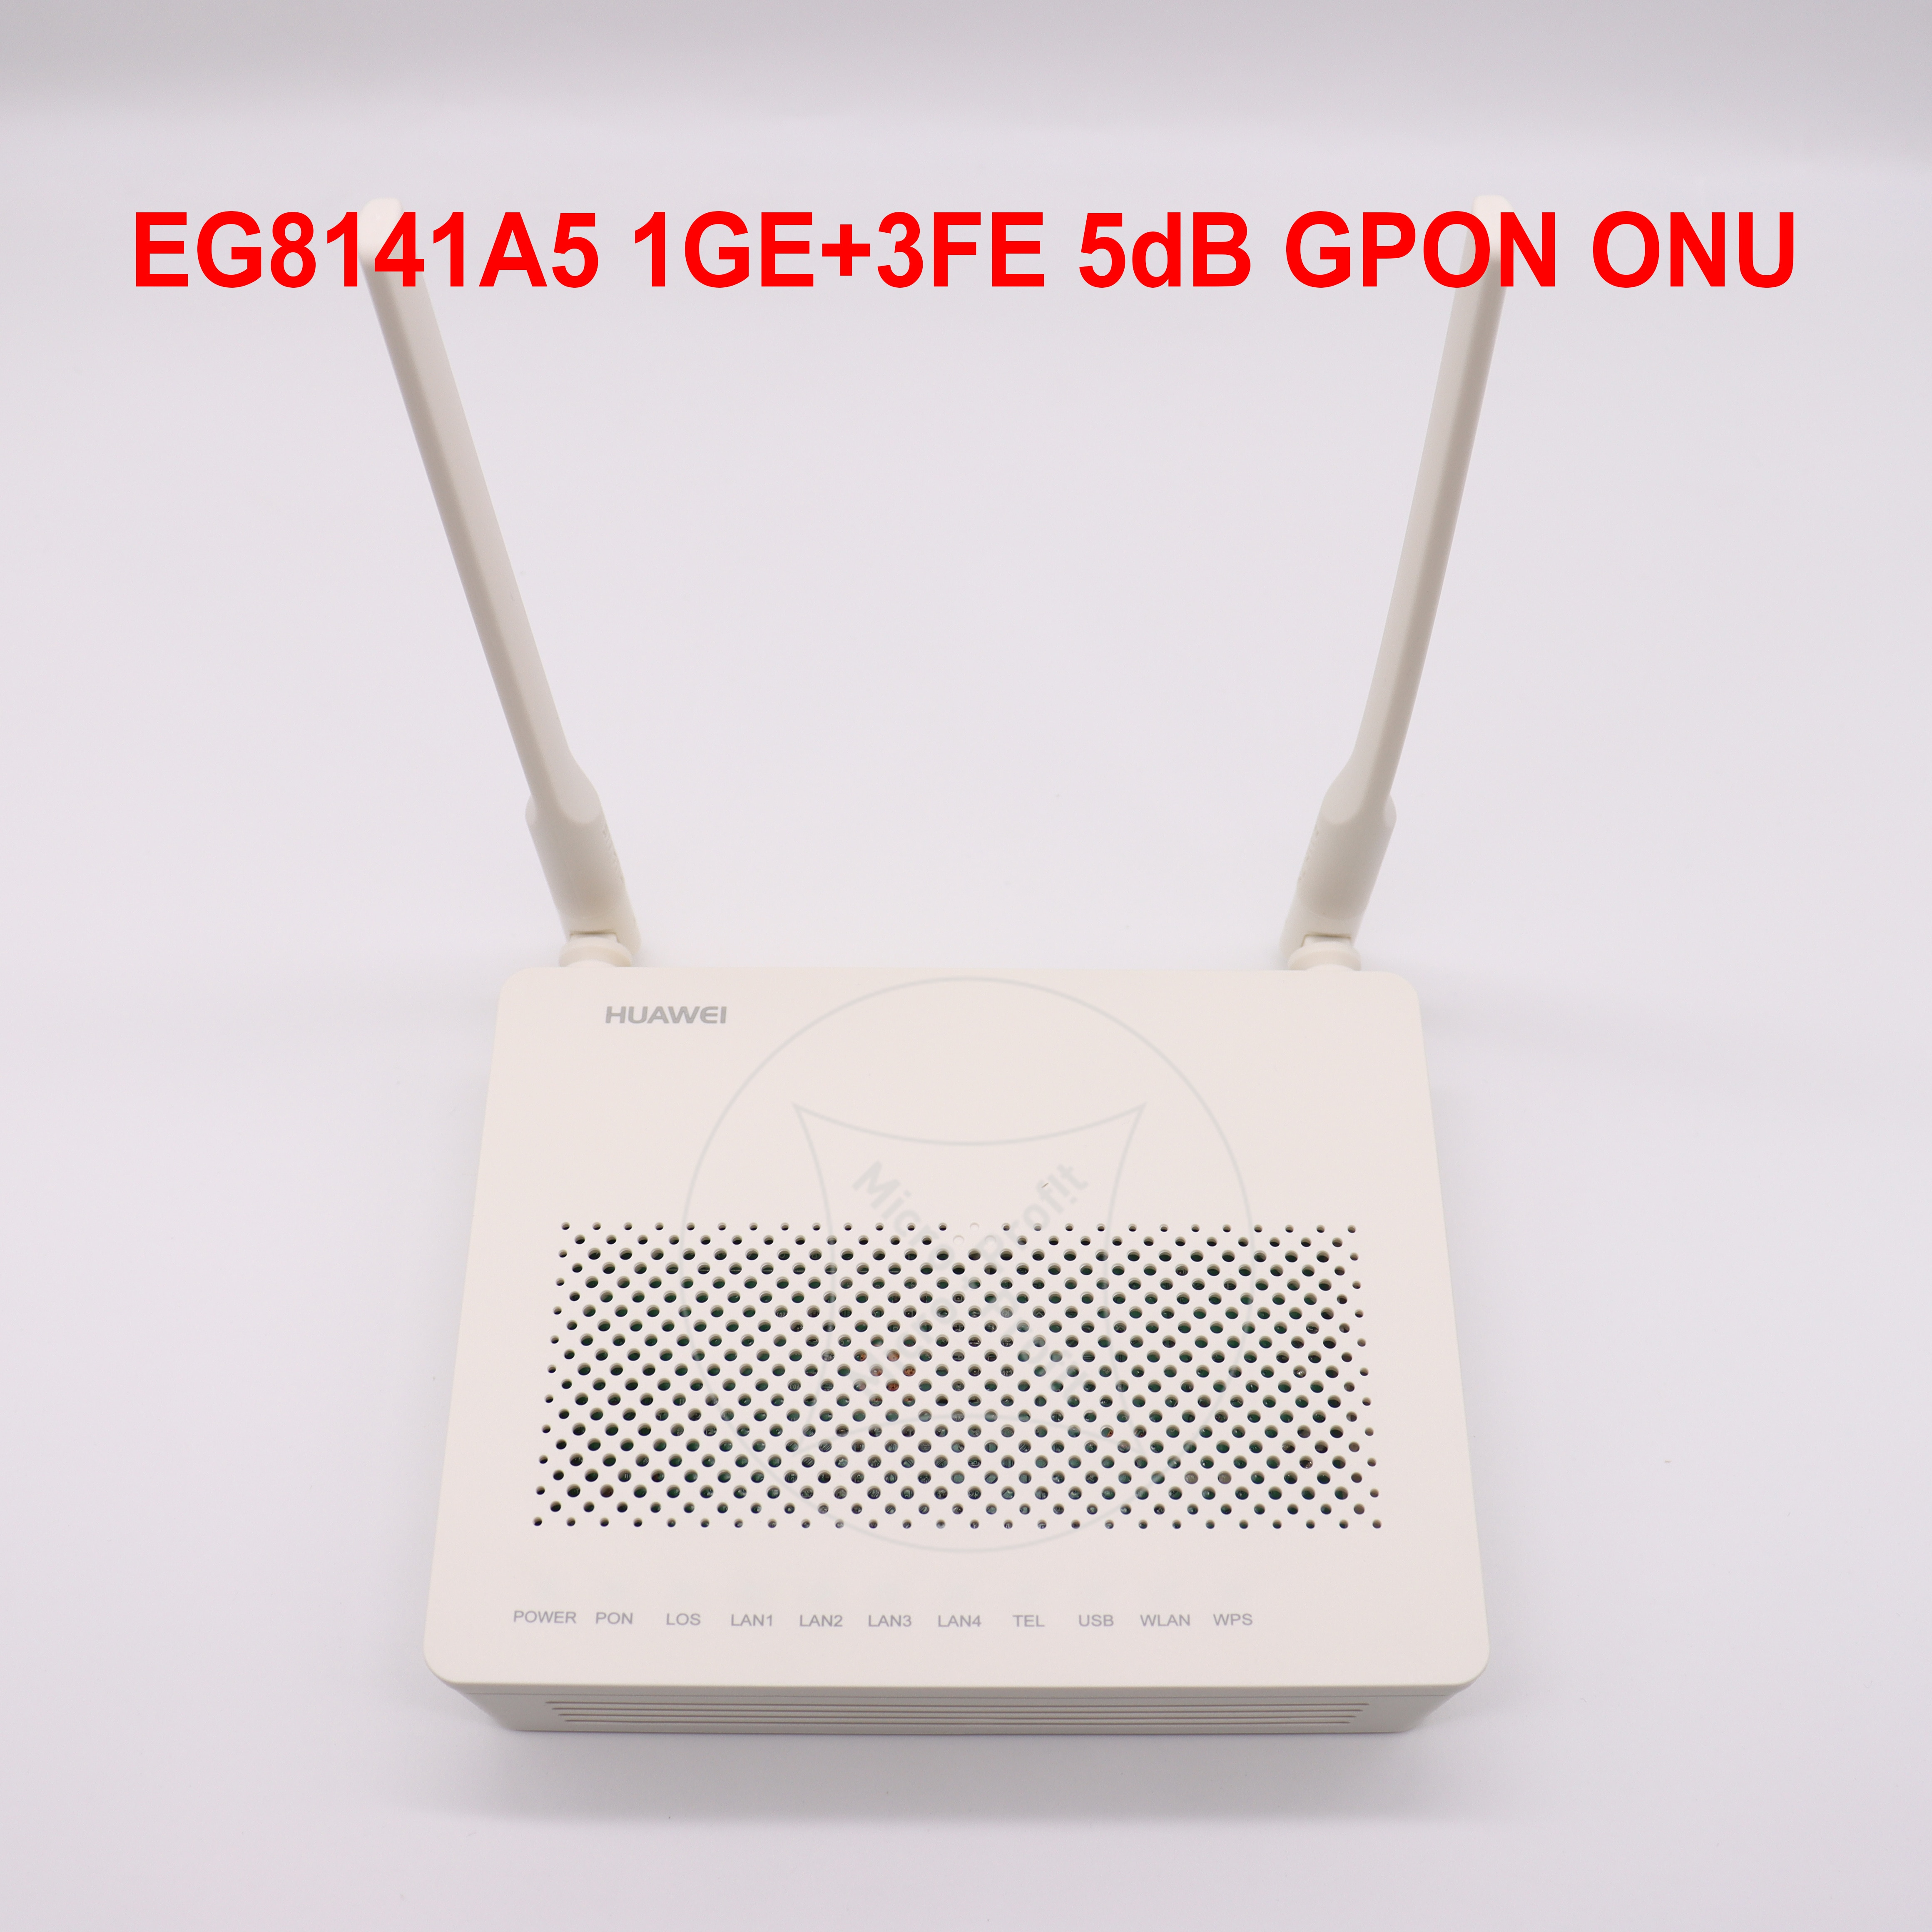 12 قطعة/الوحدة جديد Eg8141A5 100% الأصلي 1GE + 3FE + WIFI 5dB GPON ONU ONT الألياف مودم شبكة راوتر ONT ل OLT دون محول الطاقة